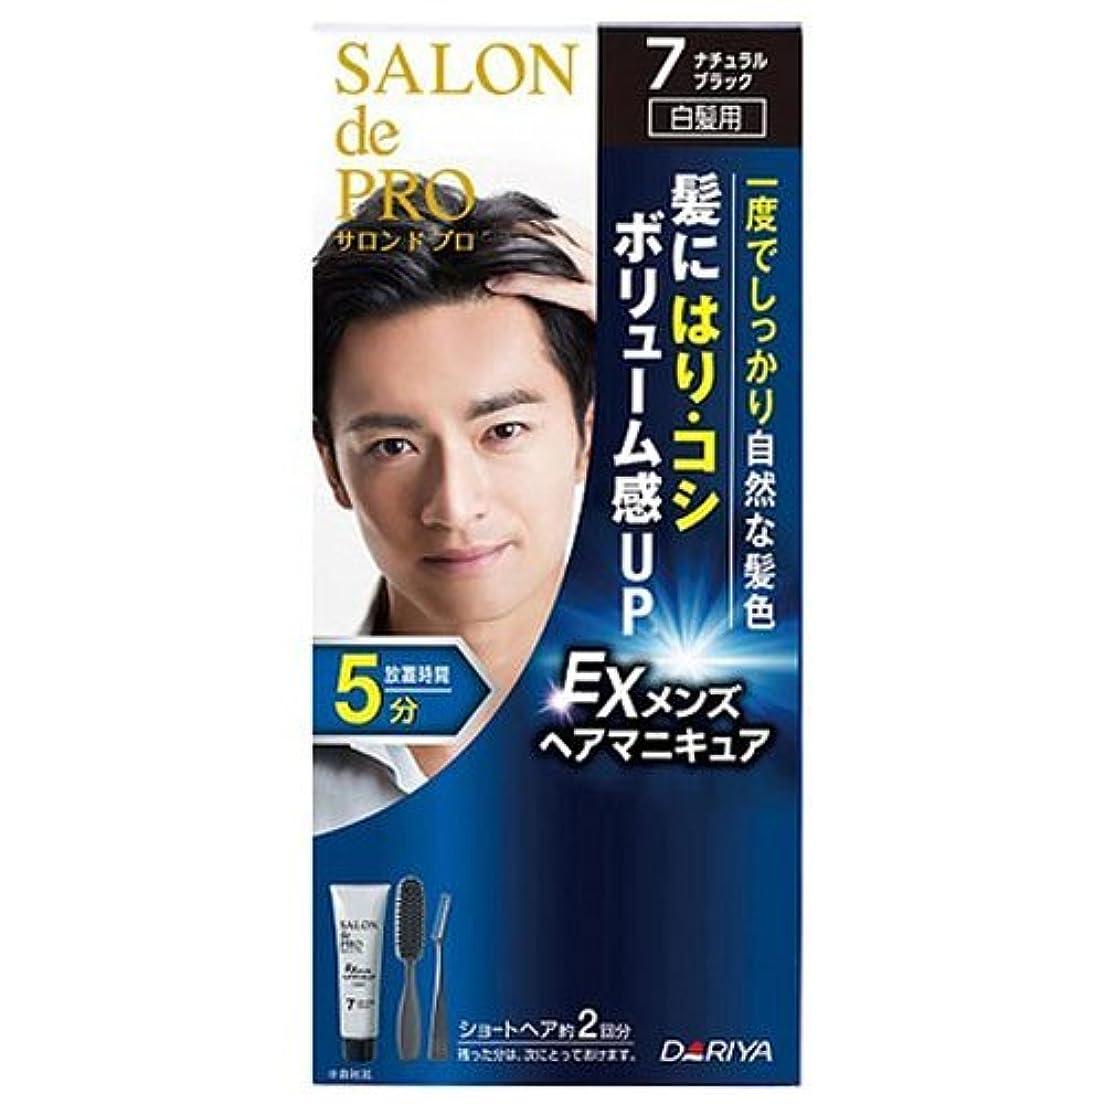 訪問任命する徐々にサロンドプロ EXメンズヘアマニキュア 白髪用 7 ナチュラルブラック